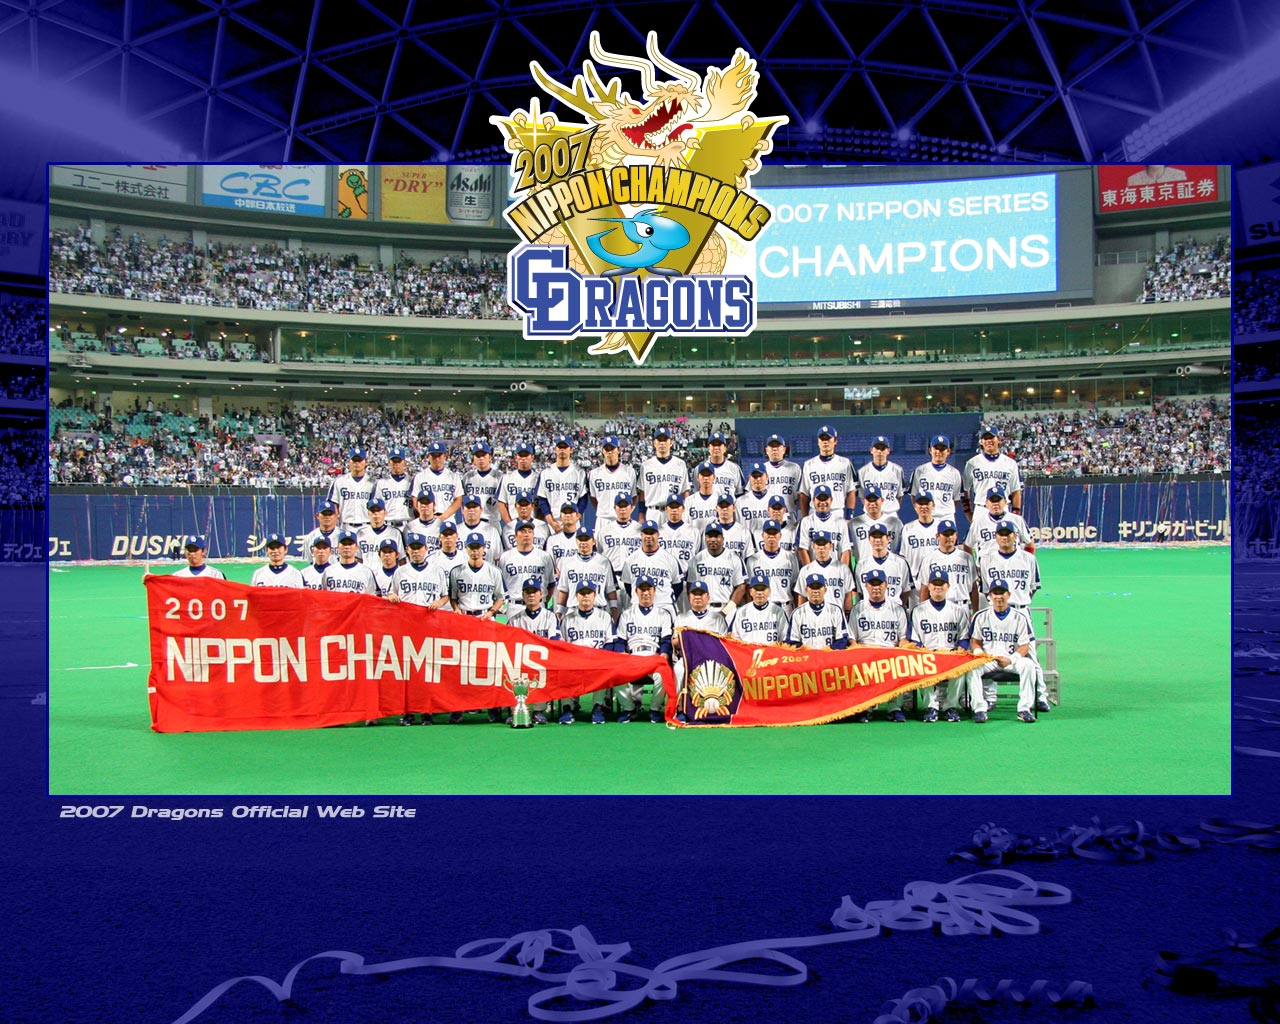 2007年は2位チームとして挑んだクライマックスシリーズを勝ち上がり、日本一